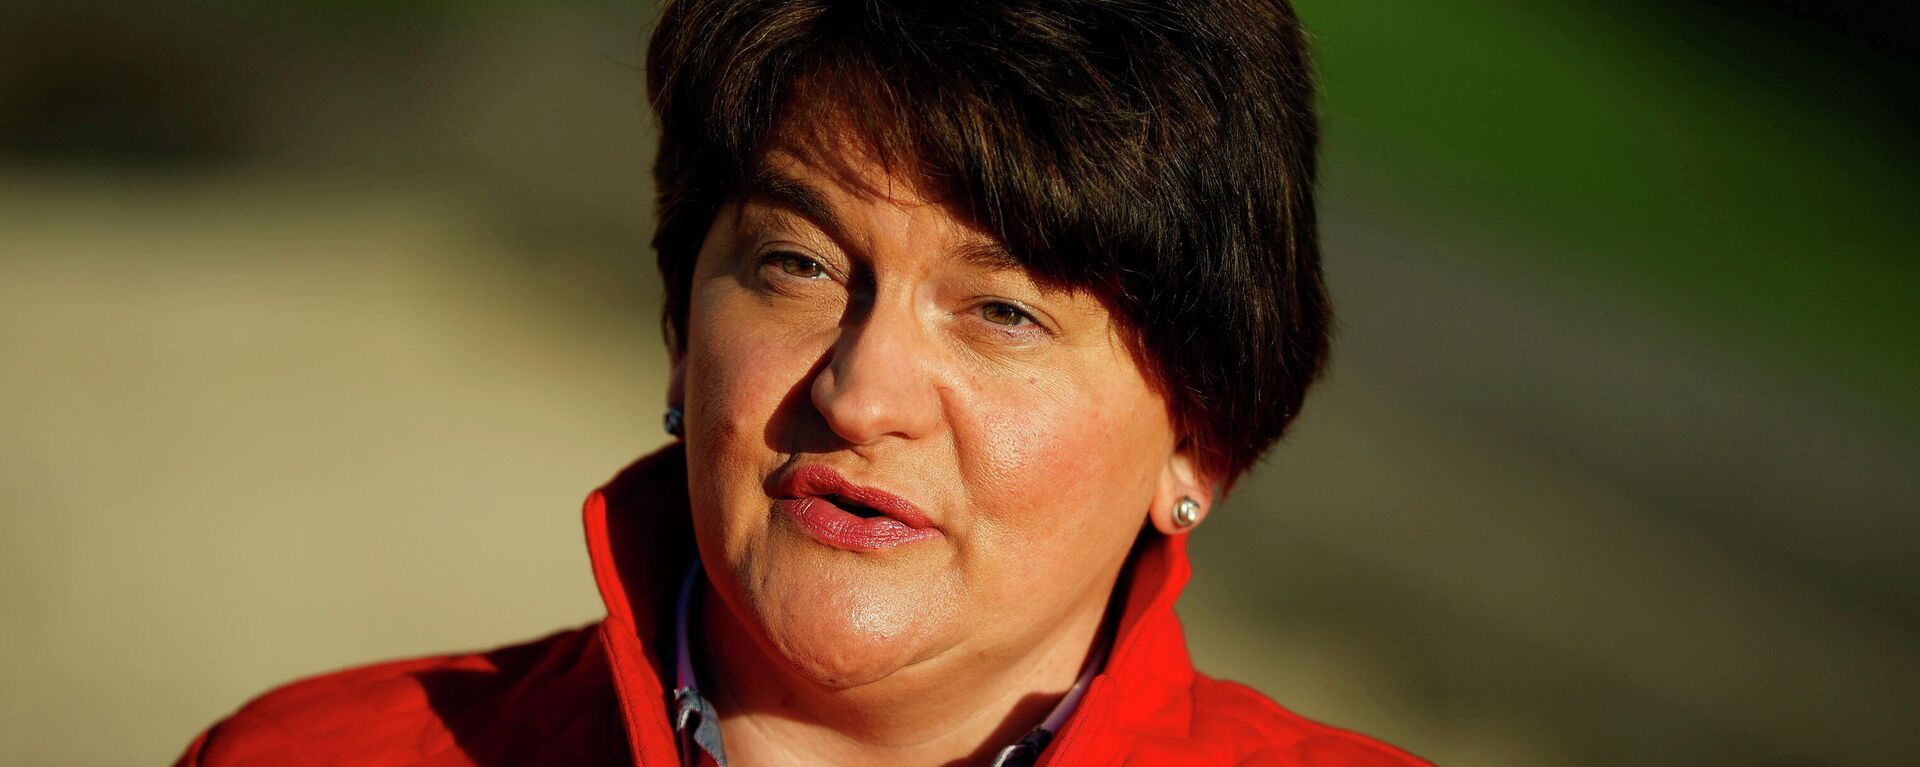 Arlene Foster, ministra principal de Irlanda del Norte y líder del Partido Unionista Democrático (DUP) - Sputnik Mundo, 1920, 28.04.2021